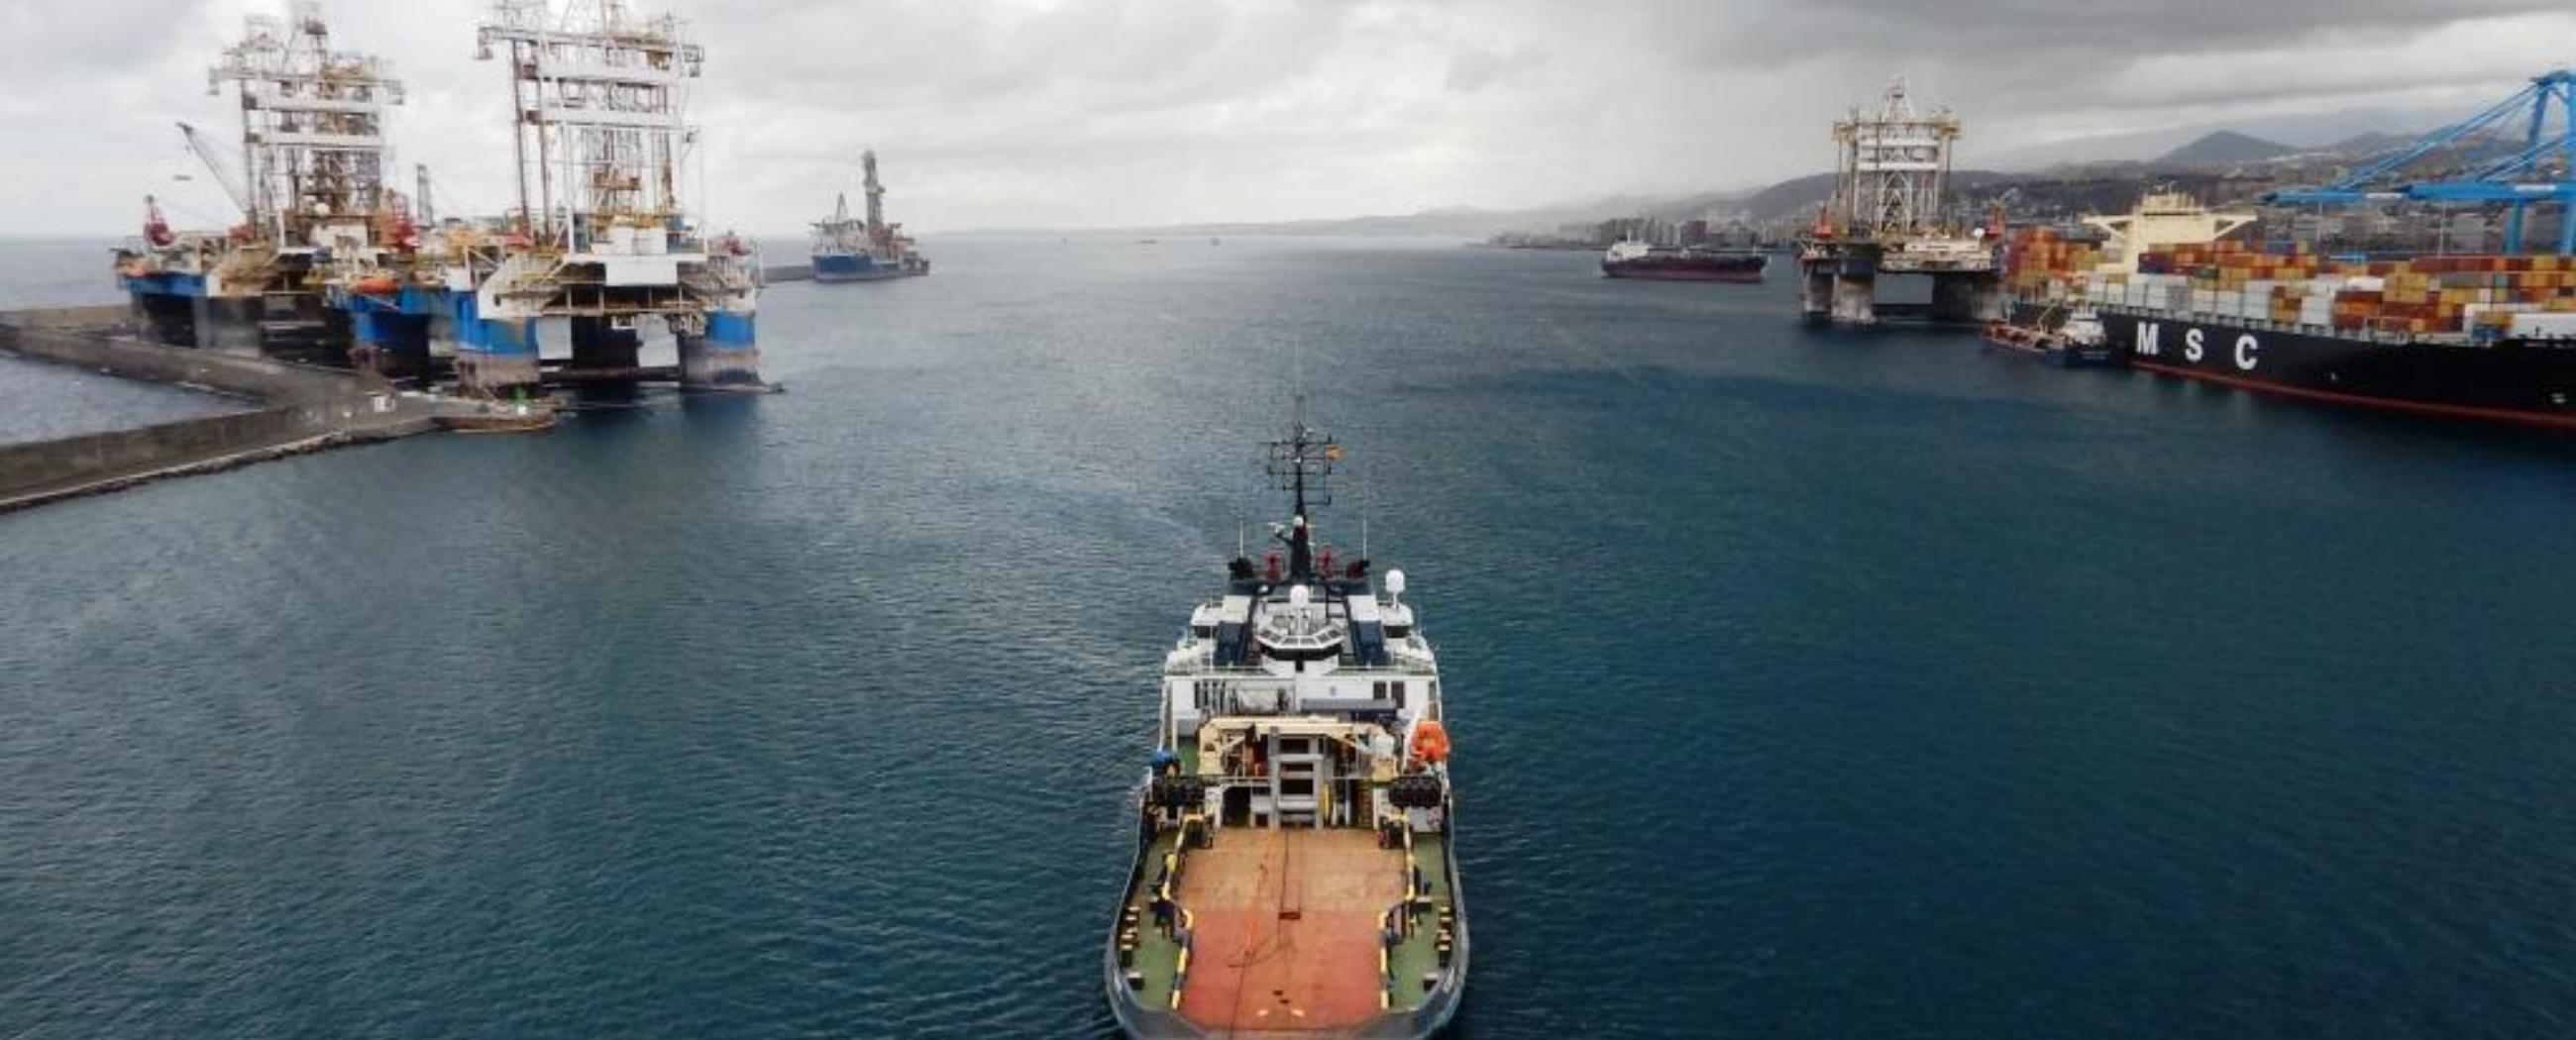 ALP Forward_Remora Hi-load Teekay towage Las Palmas Norway.jpeg